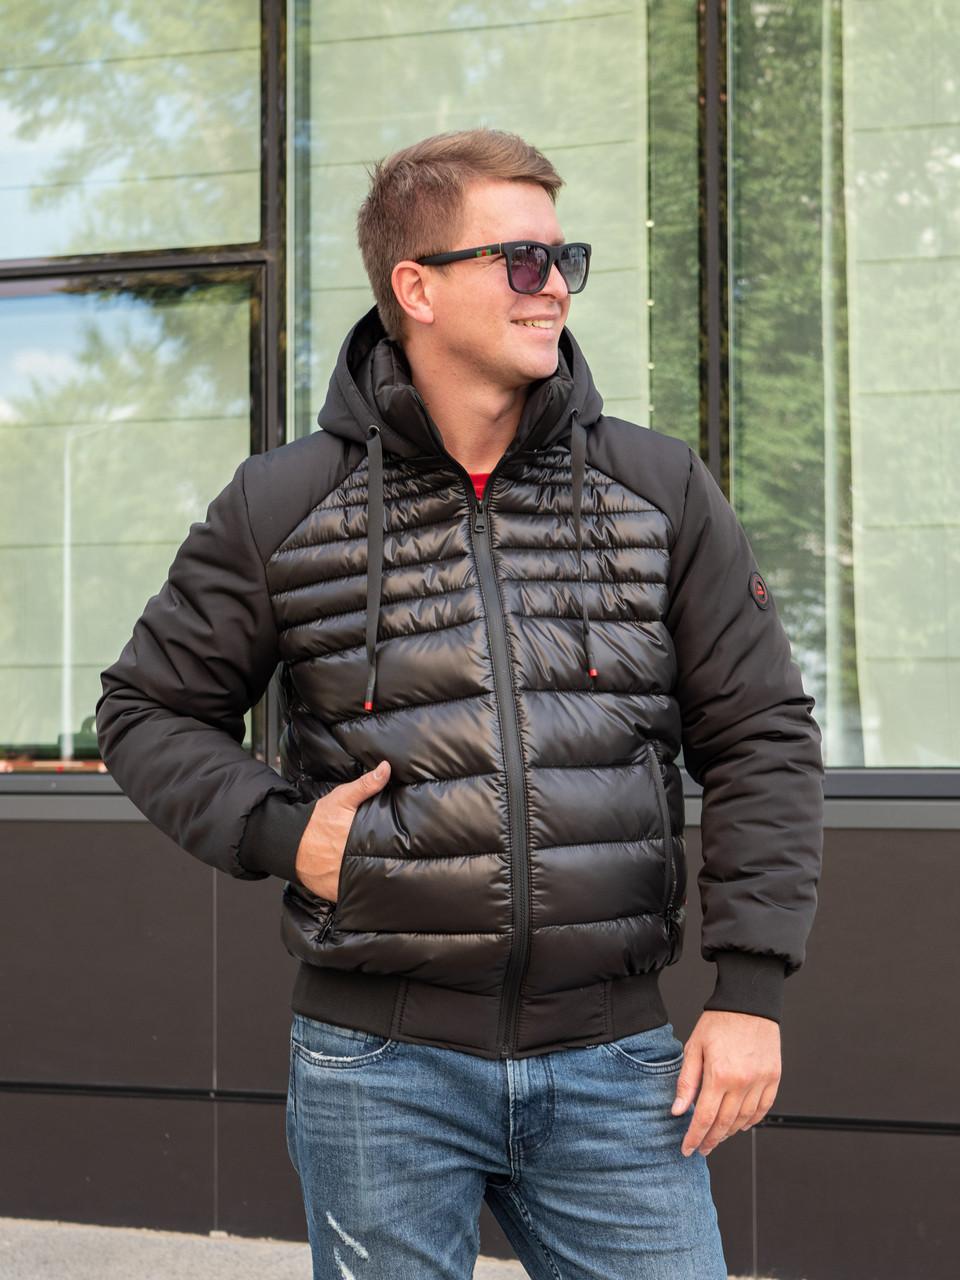 Недорогие зимние куртки мужские  от производителя  48-56  черный